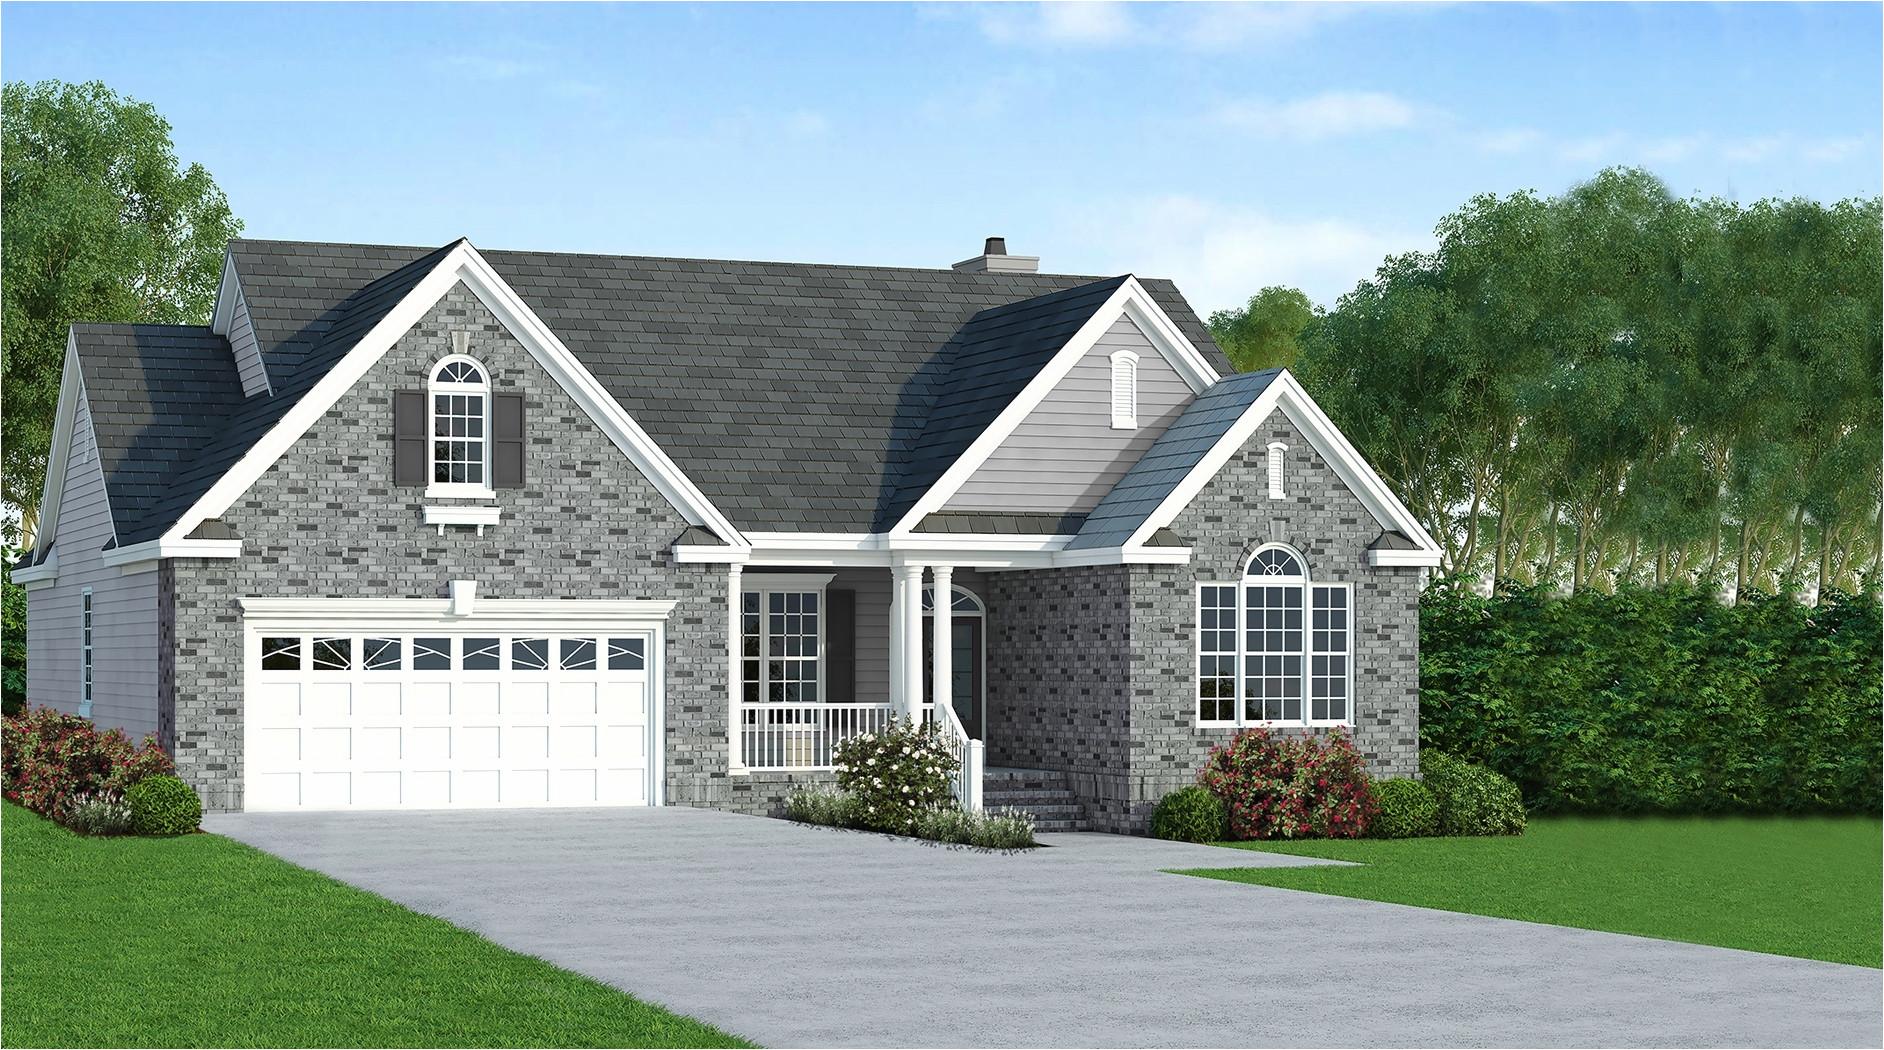 european style house plans shiny european style house plans new small cottage style house plan 3